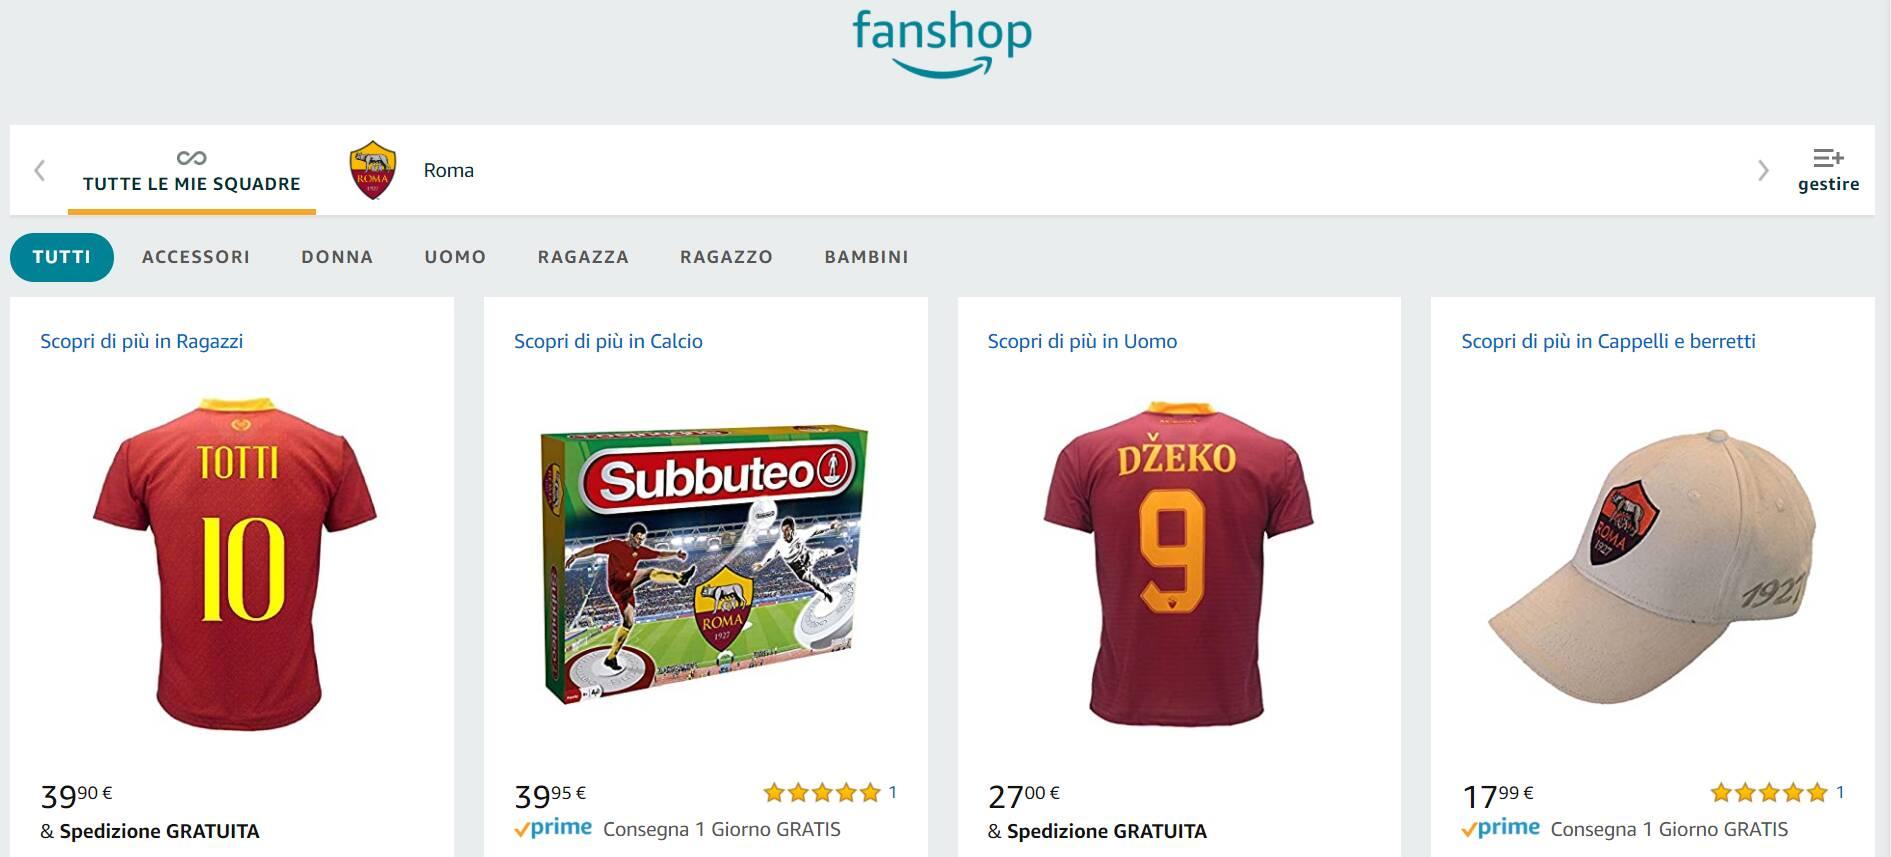 Amazon Fan Shop